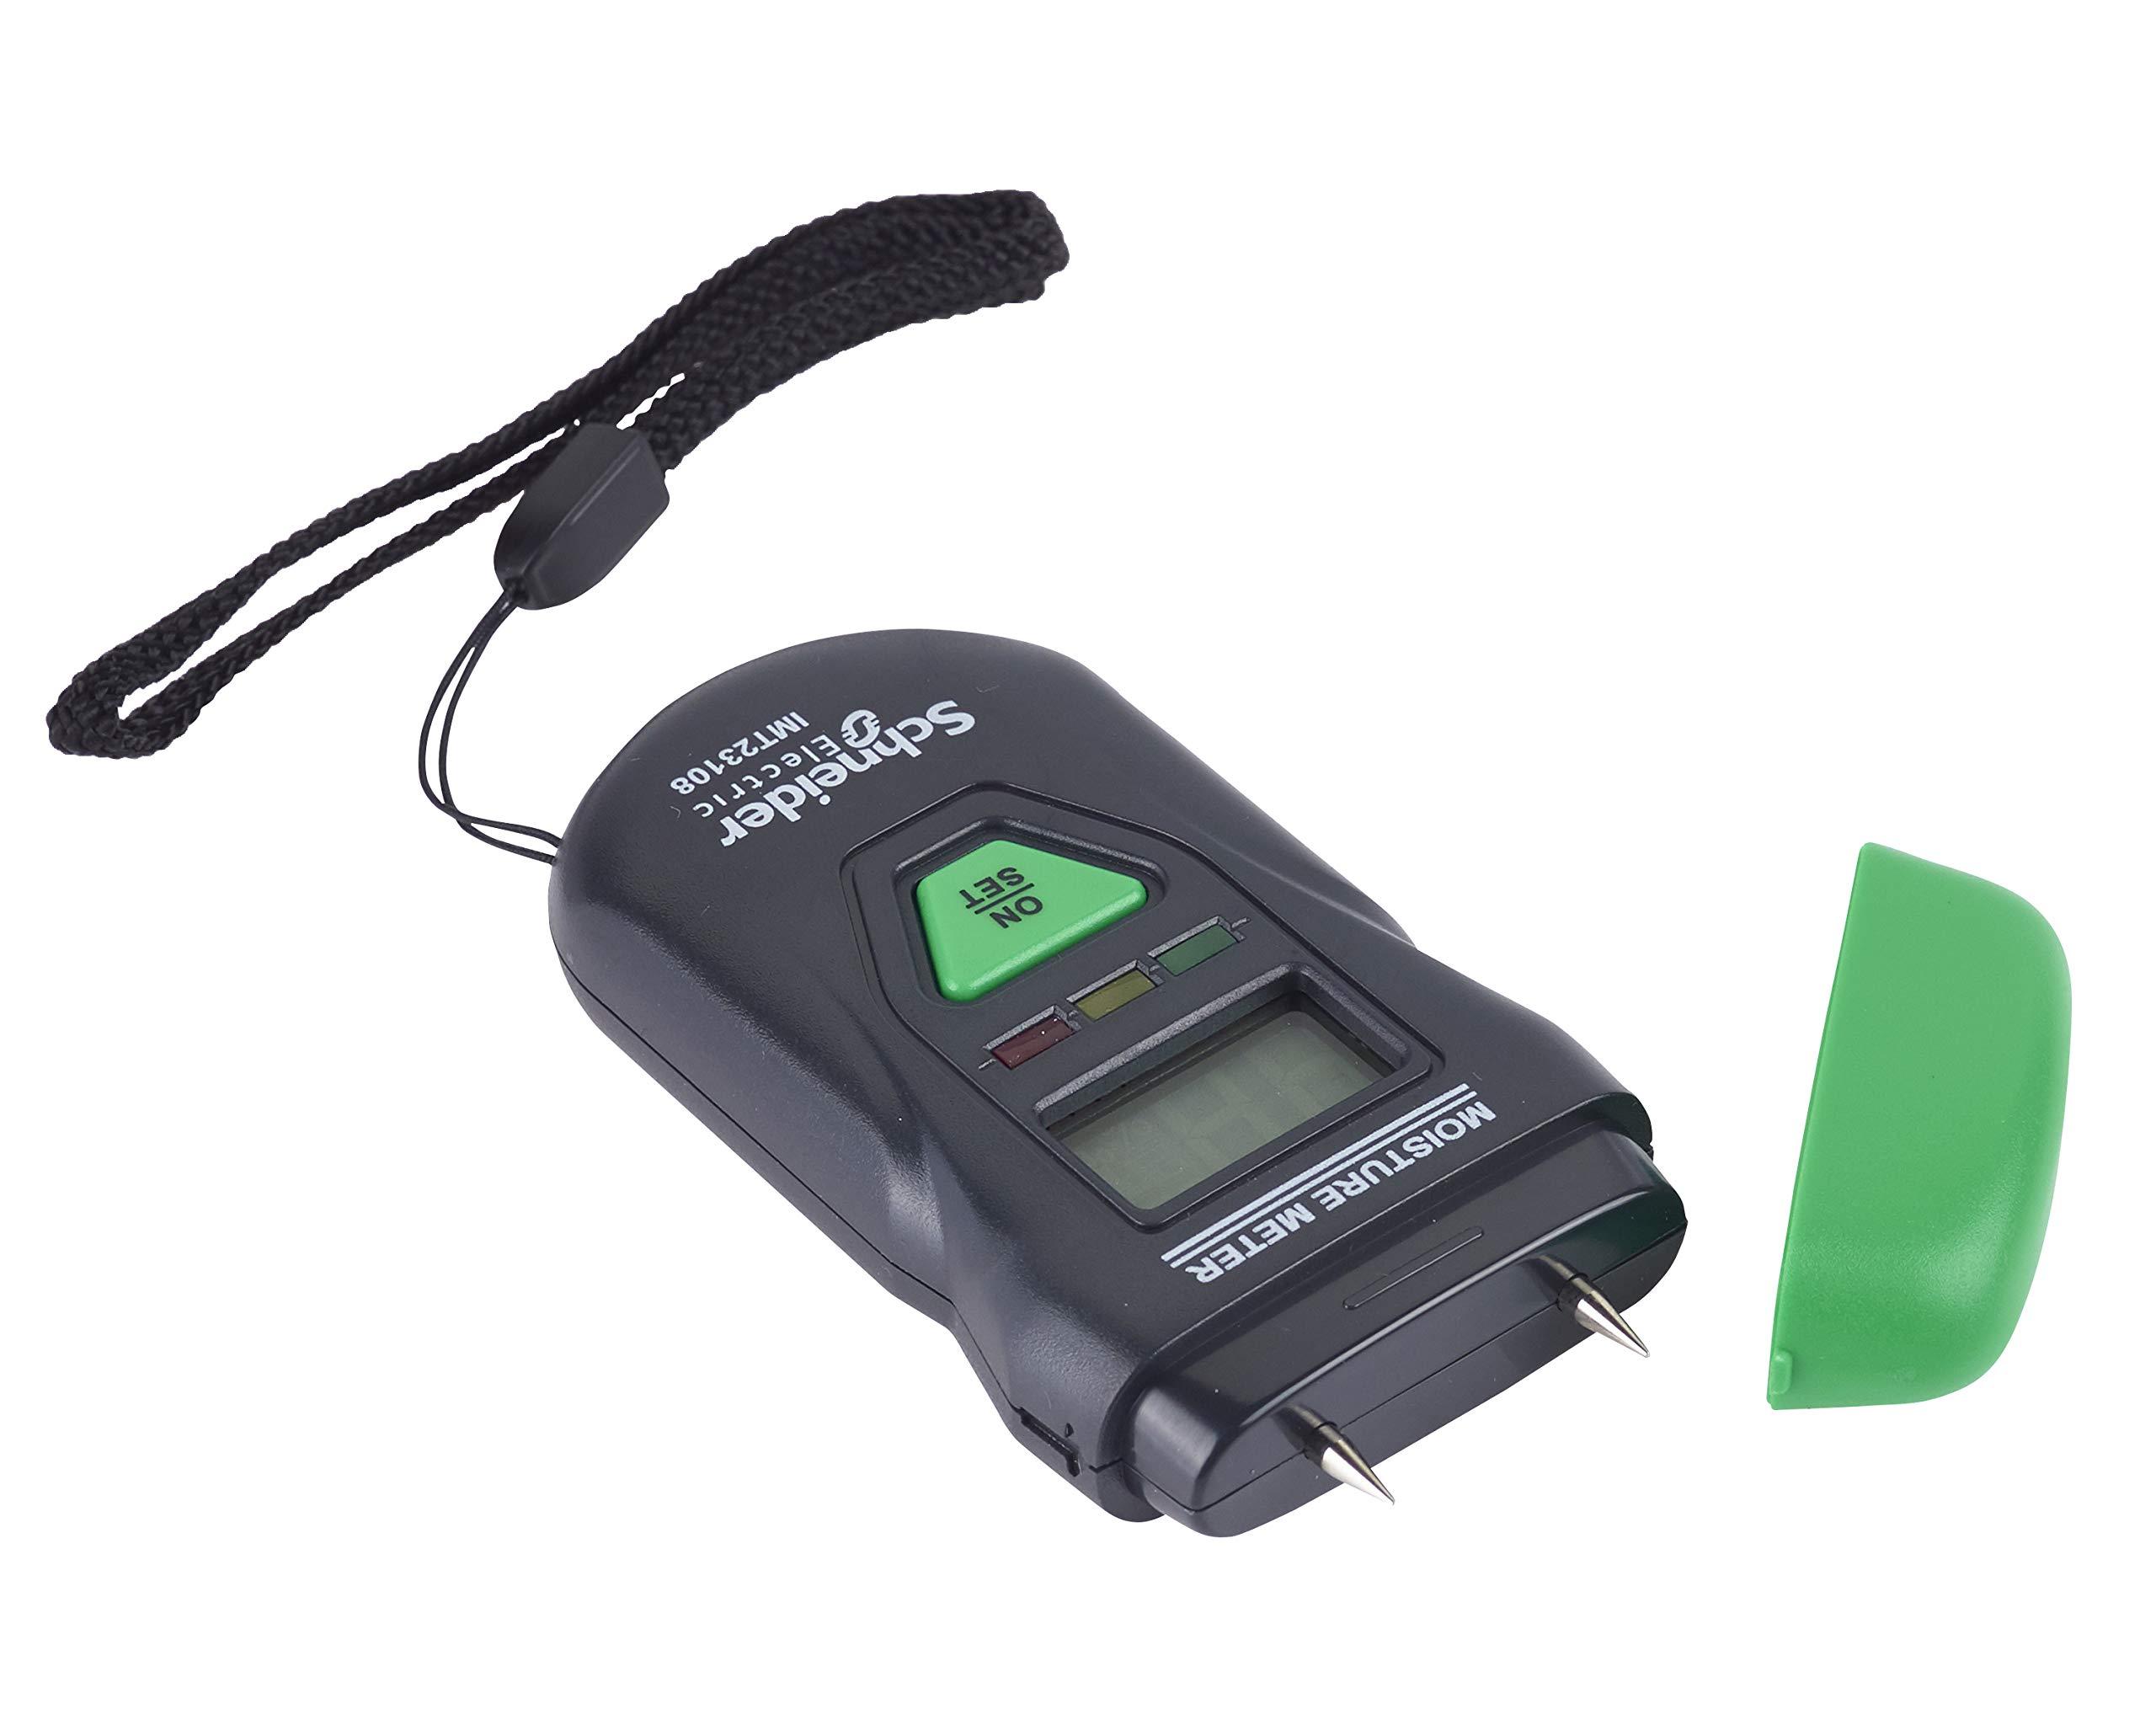 Schneider Electric Rapitest IMT23008 Moisture Test Meter